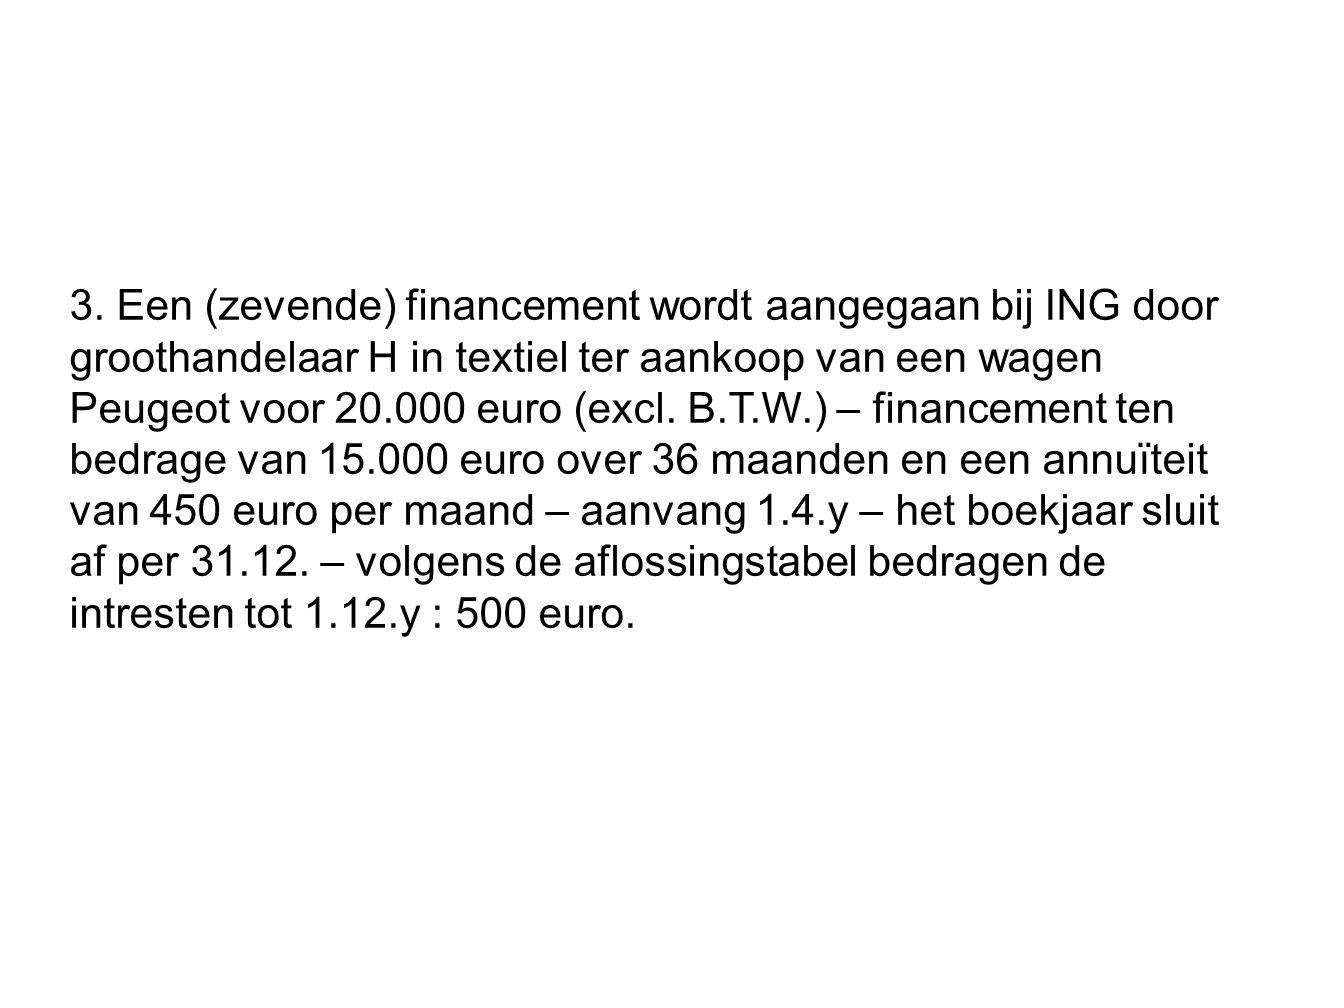 3. Een (zevende) financement wordt aangegaan bij ING door groothandelaar H in textiel ter aankoop van een wagen Peugeot voor 20.000 euro (excl. B.T.W.